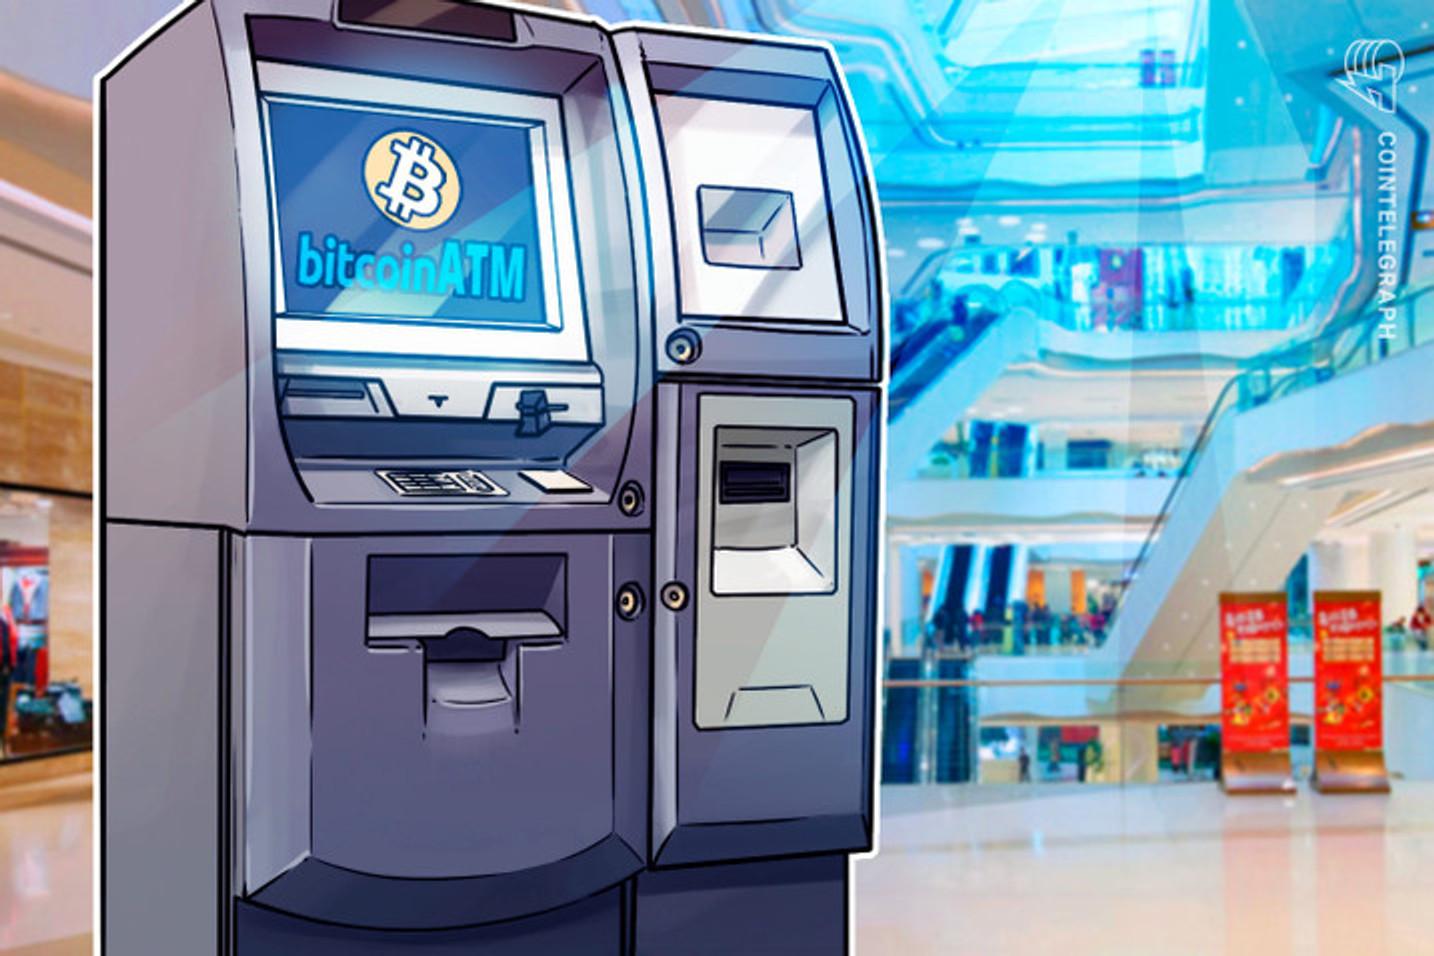 Gigante de ATMs de Bitcoins dos EUA anuncia expansão no Brasil com a instalação de 10 caixas eletrônicos de BTC